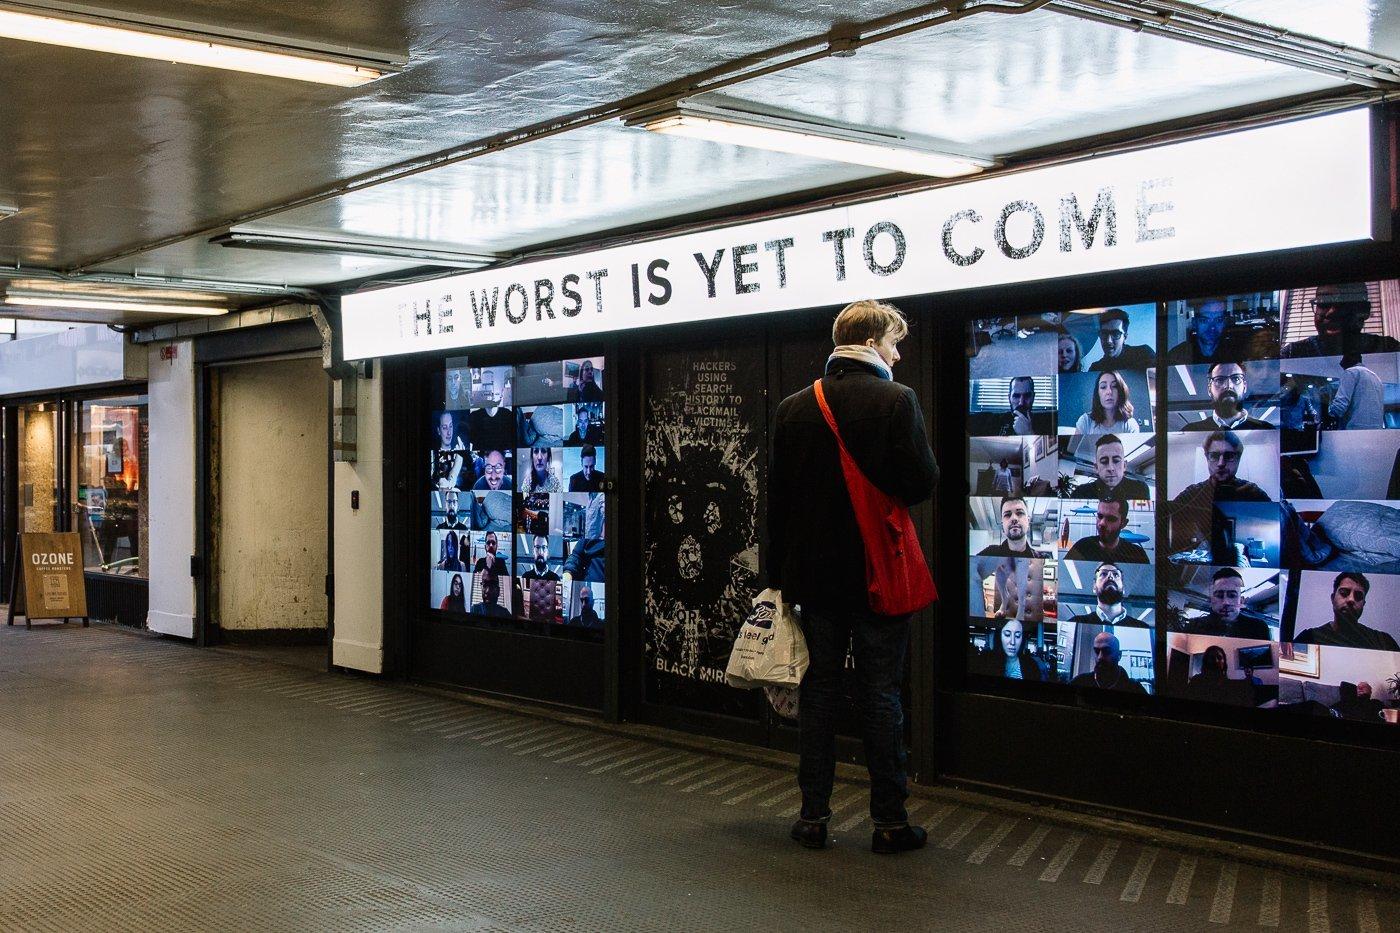 """Pop-up Netflix - Black Mirror à Old Street Station, Londres. Un homme dans le métro se tient devant un panneau """"The Worst is yet to come"""" et regarde des visages sur des écrans."""